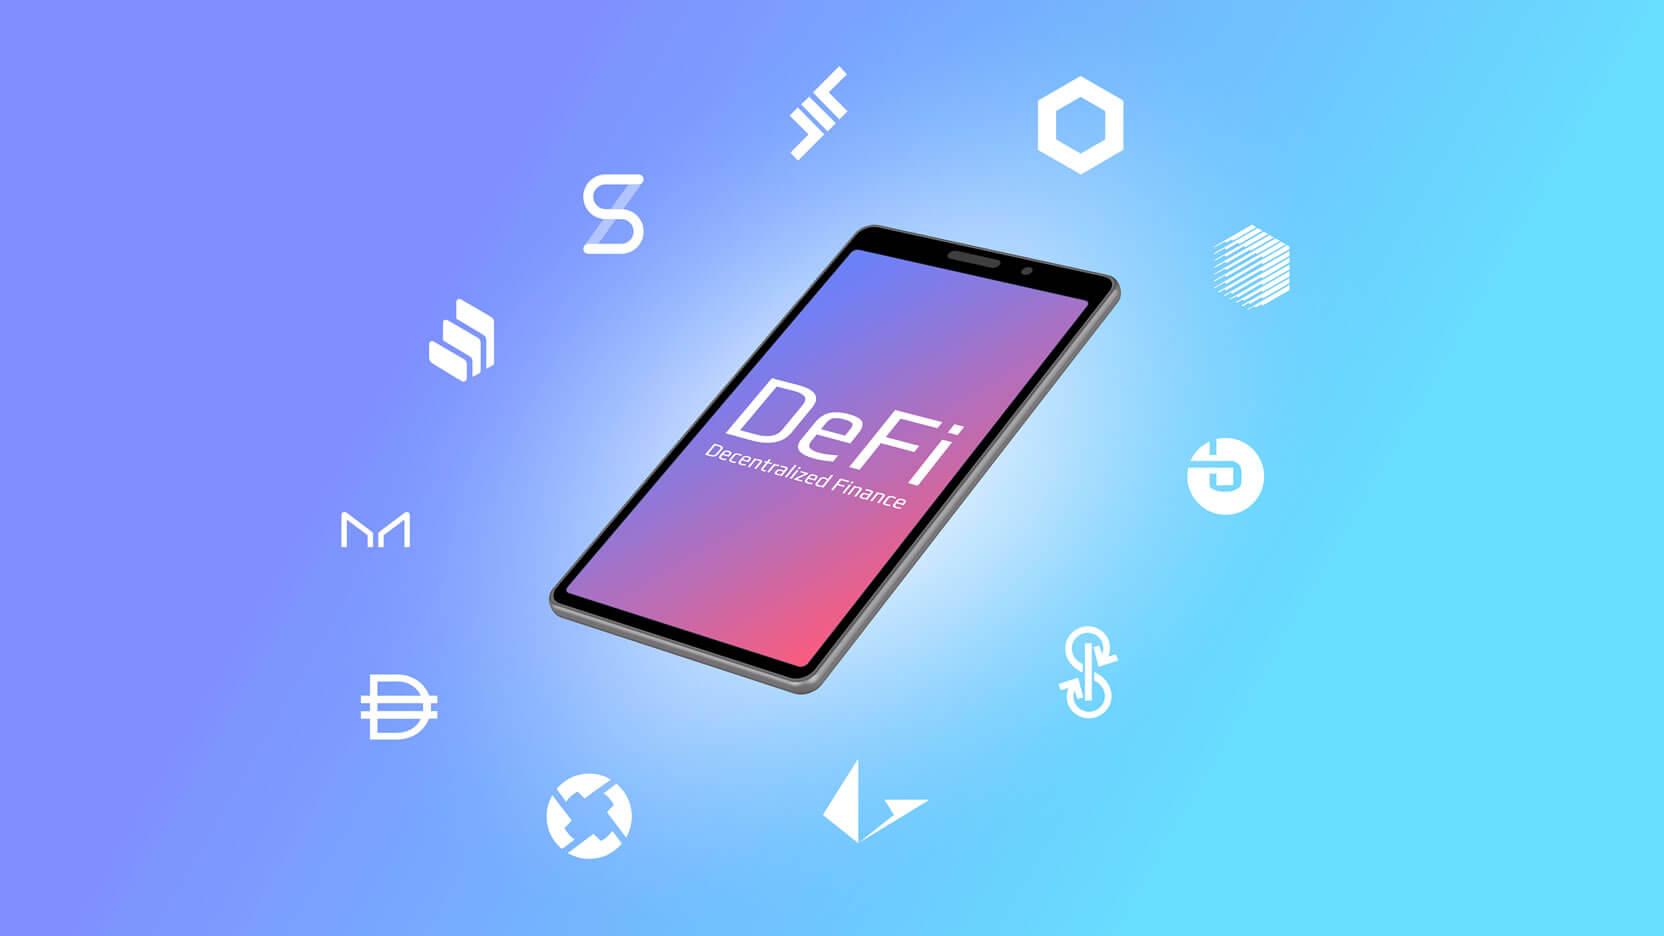 DeFiとその他仮想通貨との関係性